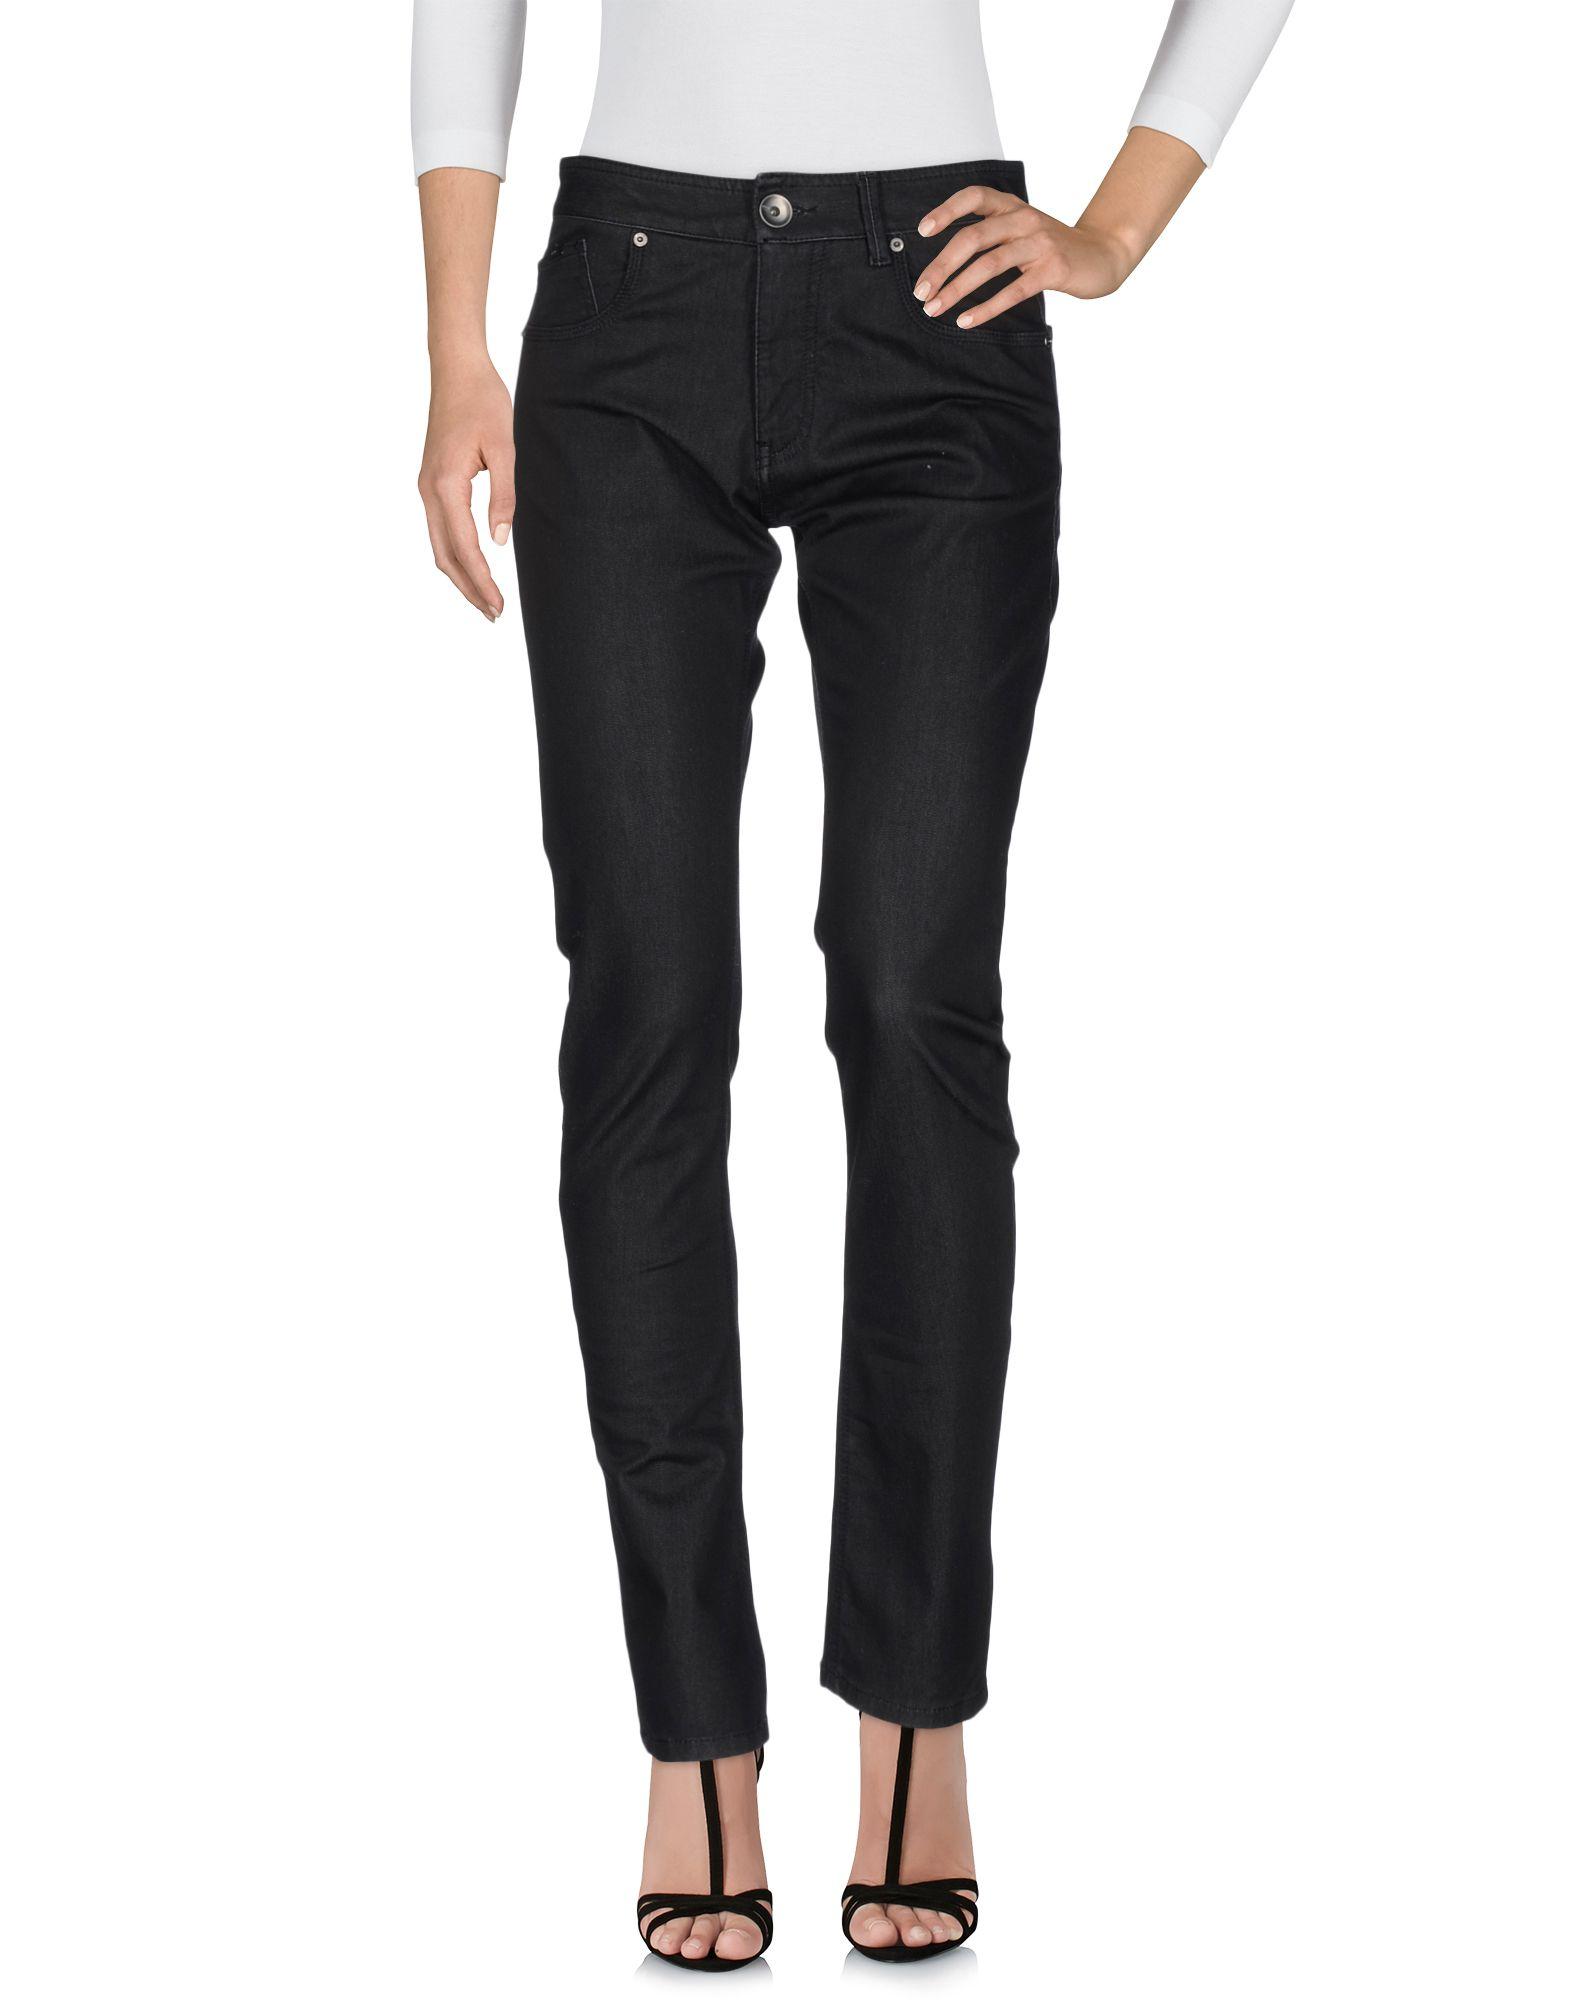 ARMANI COLLEZIONI Damen Jeanshose Farbe Schwarz Größe 6 jetztbilligerkaufen